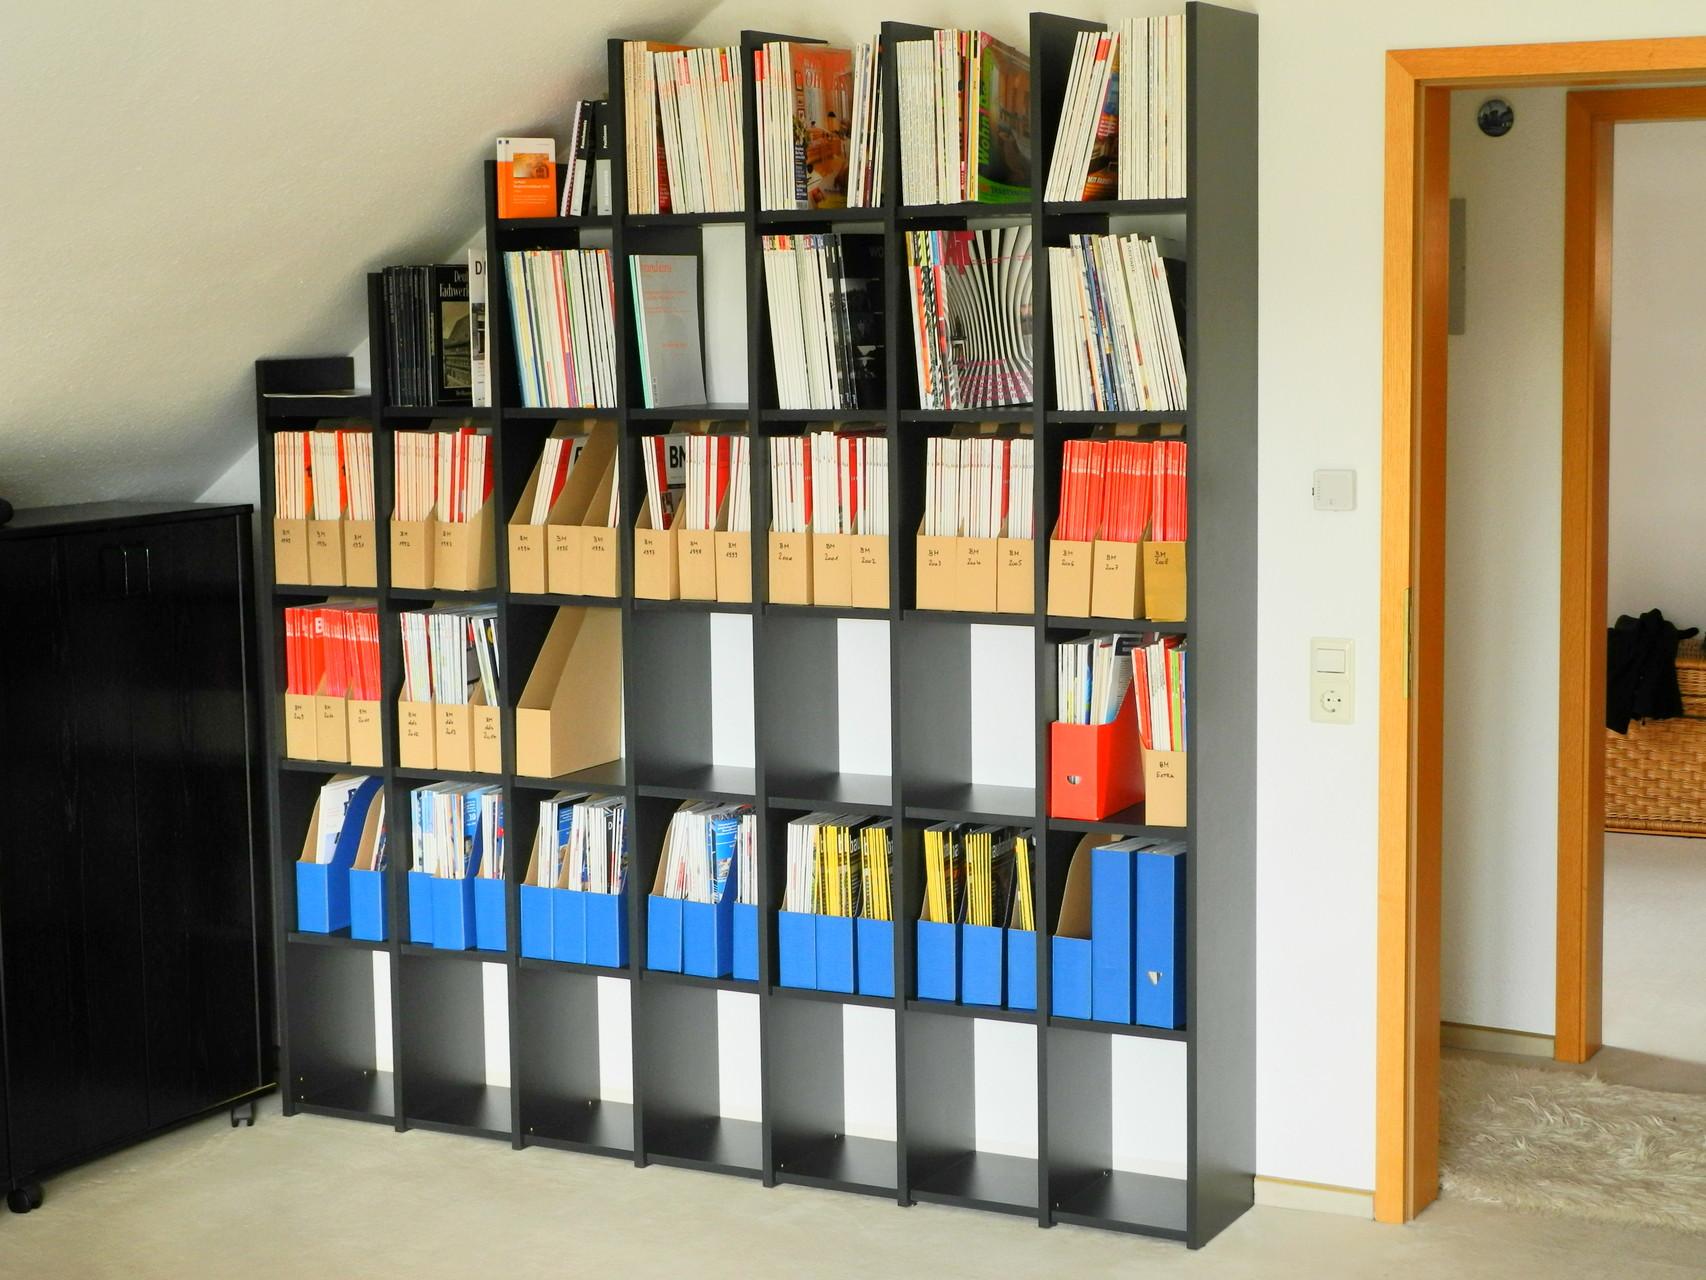 Zeitschriftenregal, in Besitz genommen